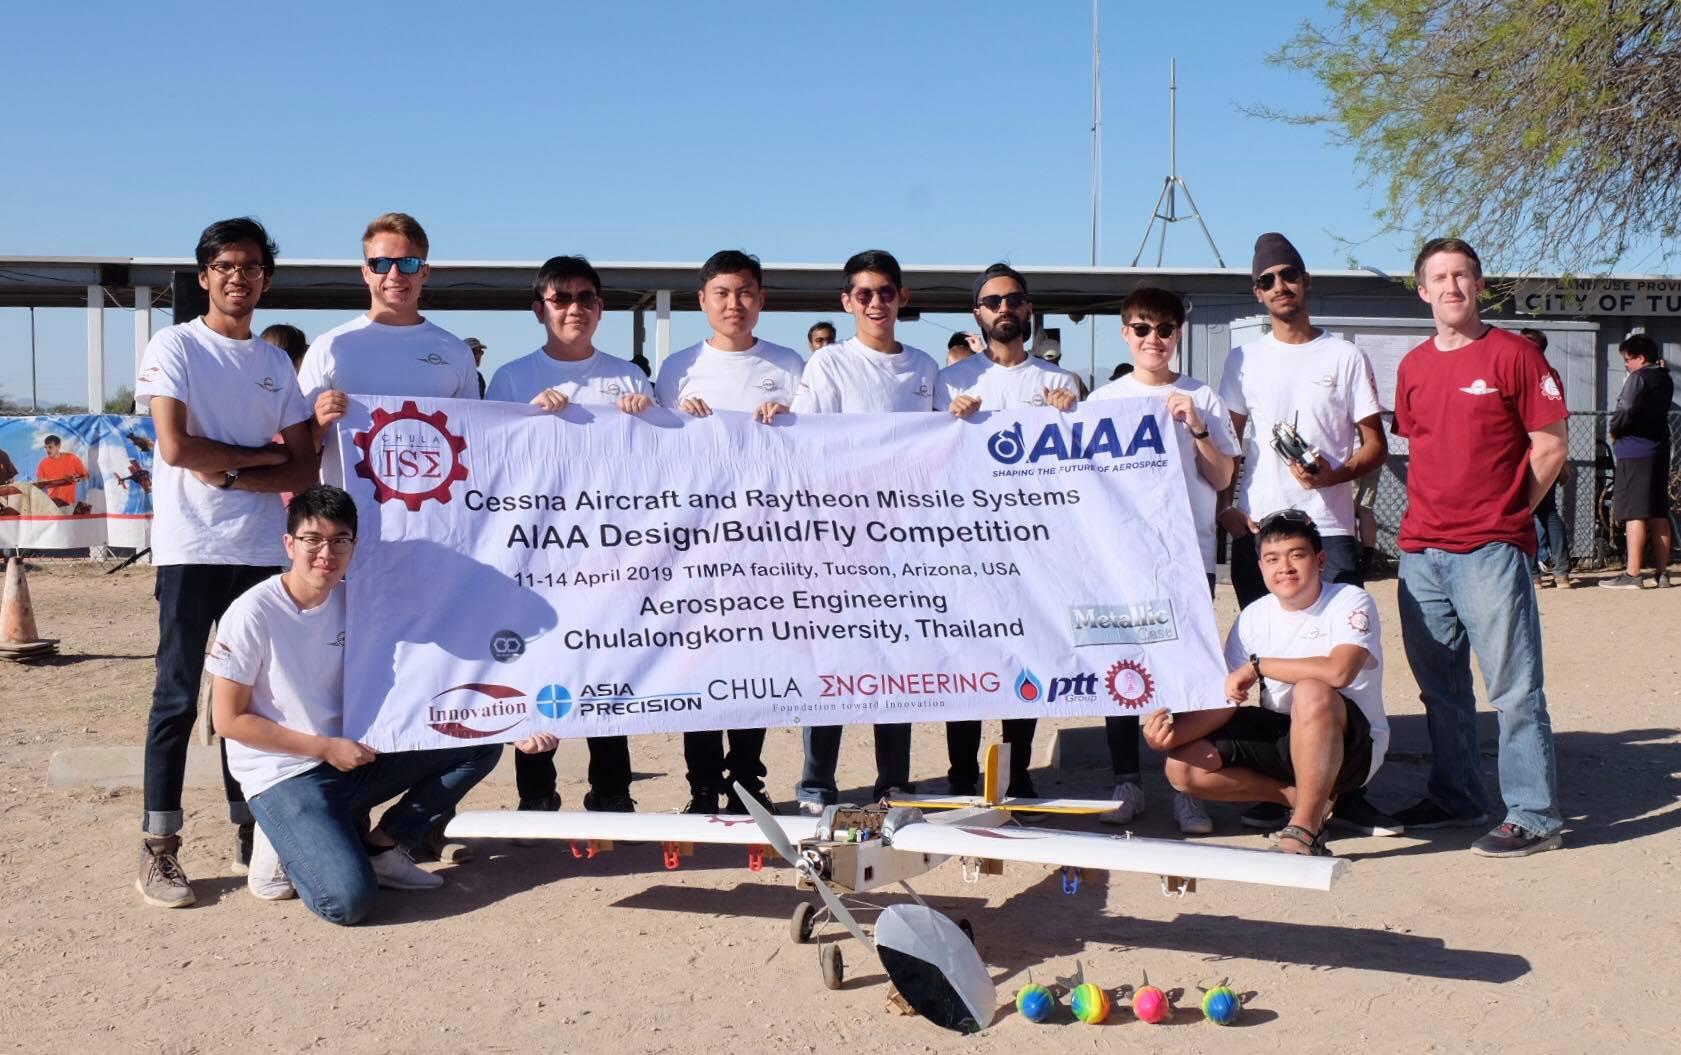 กลุ่มบริษัทอินโนเวชั่น สนับสนุนเยาวชนไทยแข่งขันอากาศยานไร้คนขับระดับโลก!